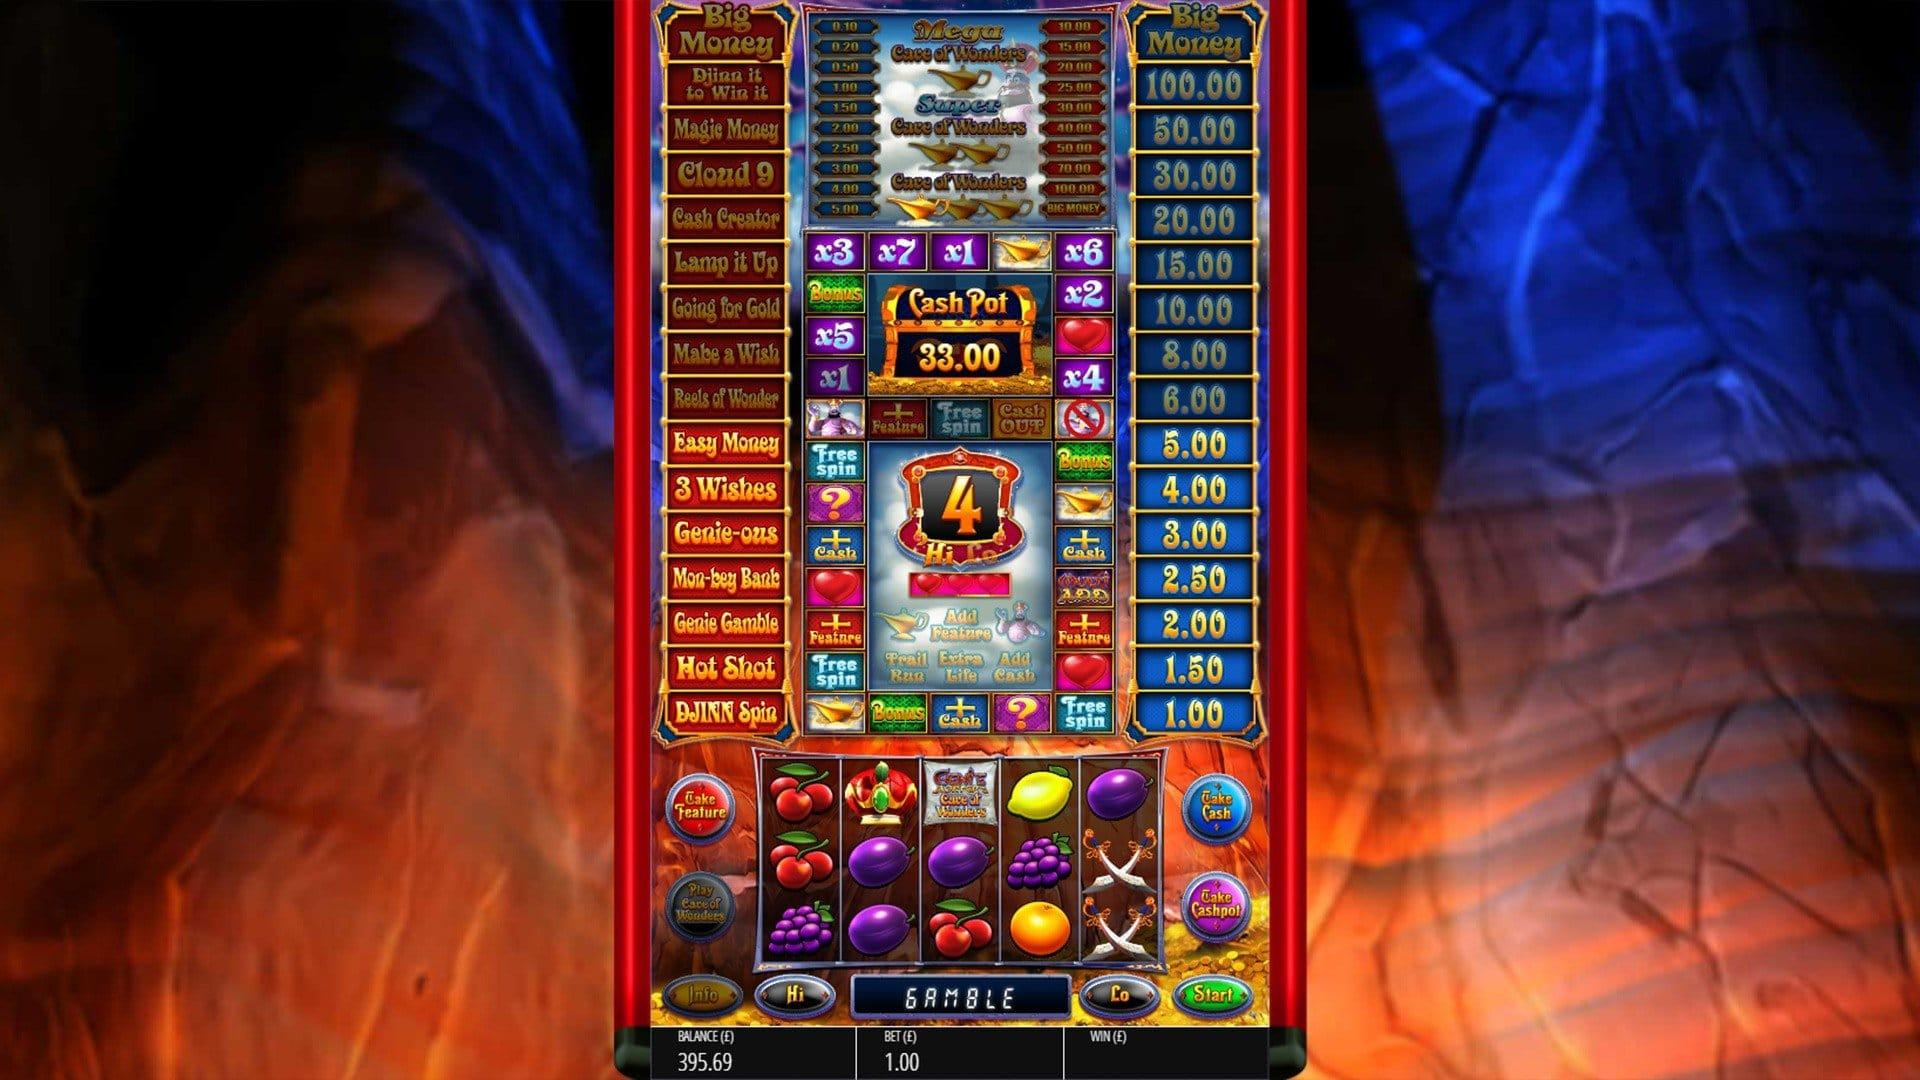 genie jackpots cave of wonders slots games